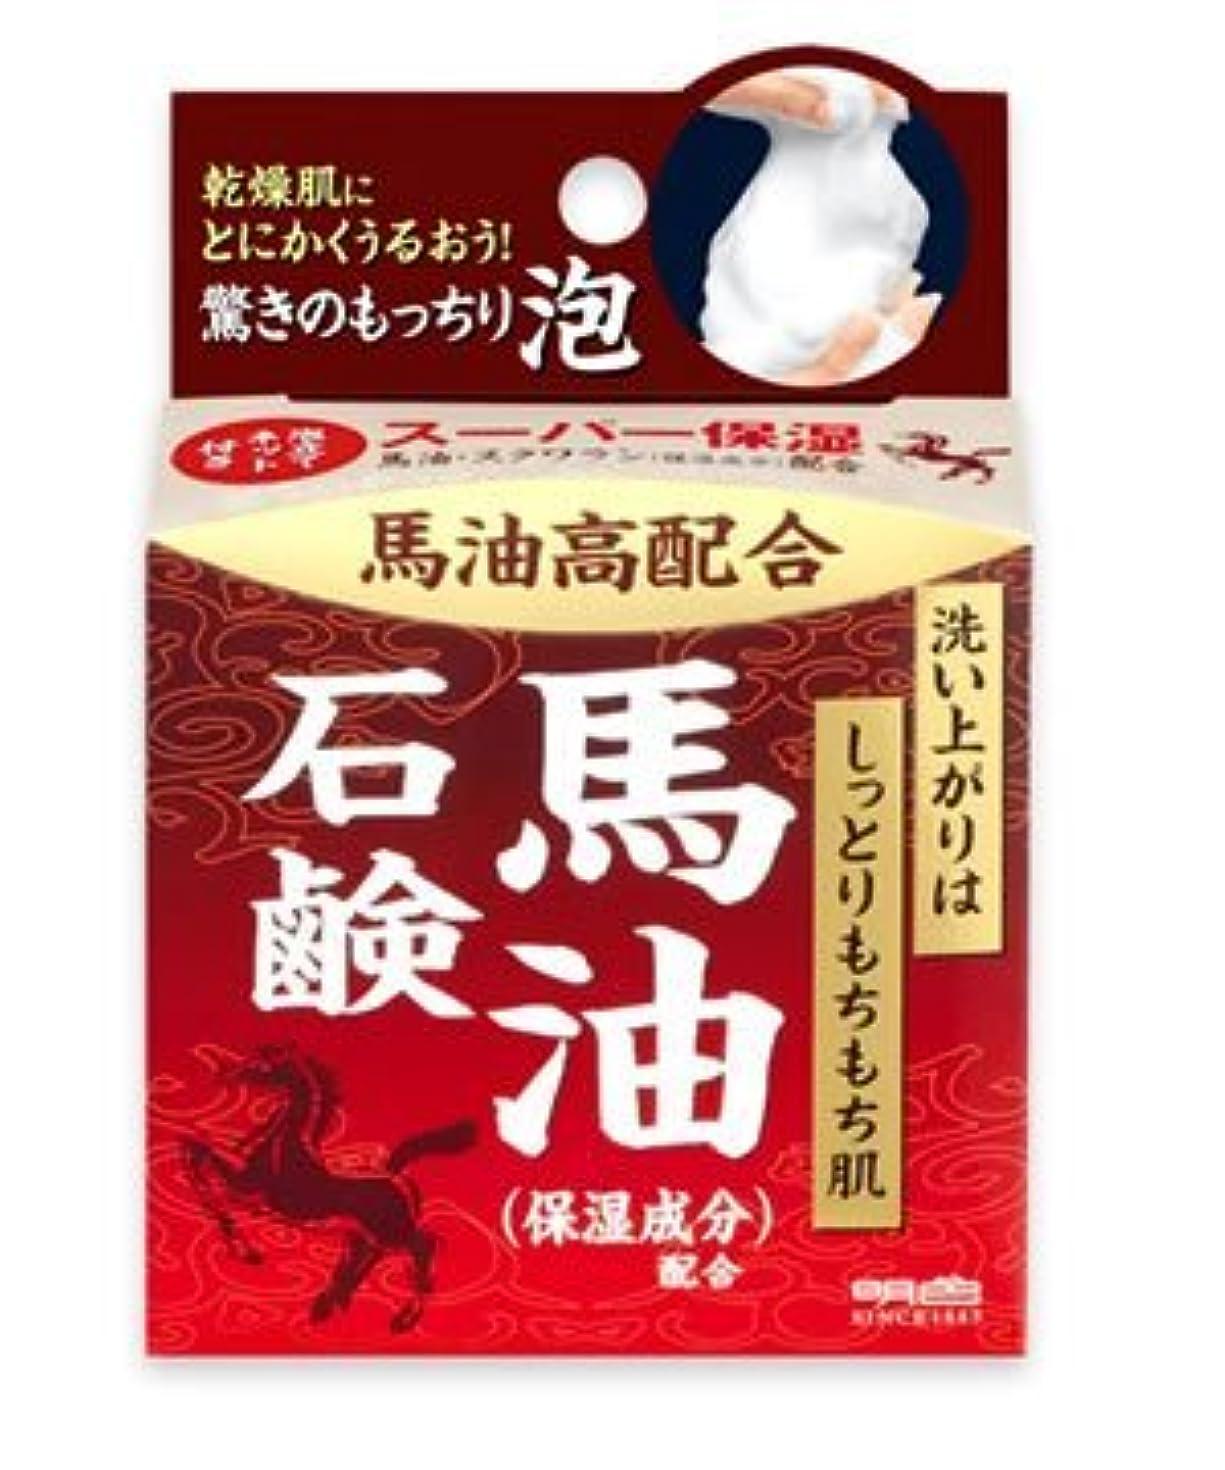 熱狂的な不平を言うペリスコープ(明色)うるおい泡美人 馬油石鹸 80g(お買い得5個セット)